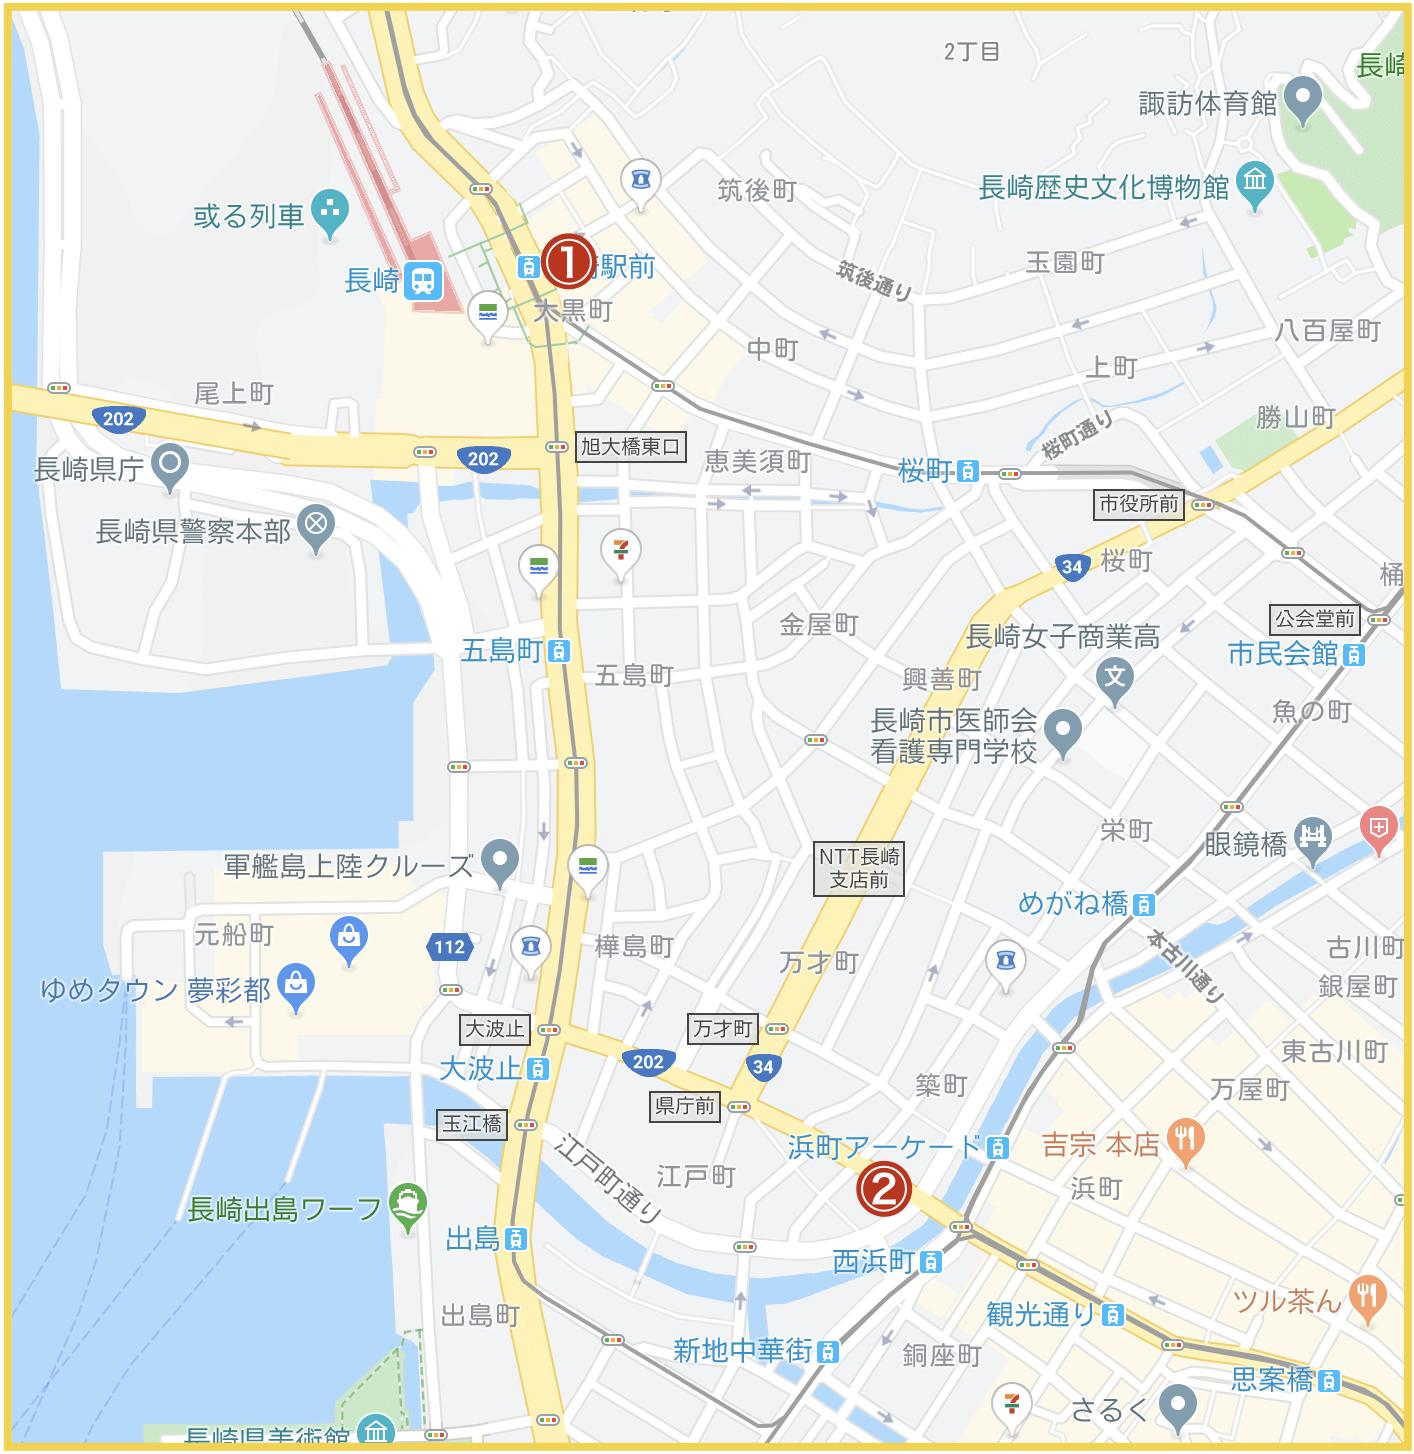 長崎県長崎市にあるアイフル店舗・ATMの位置